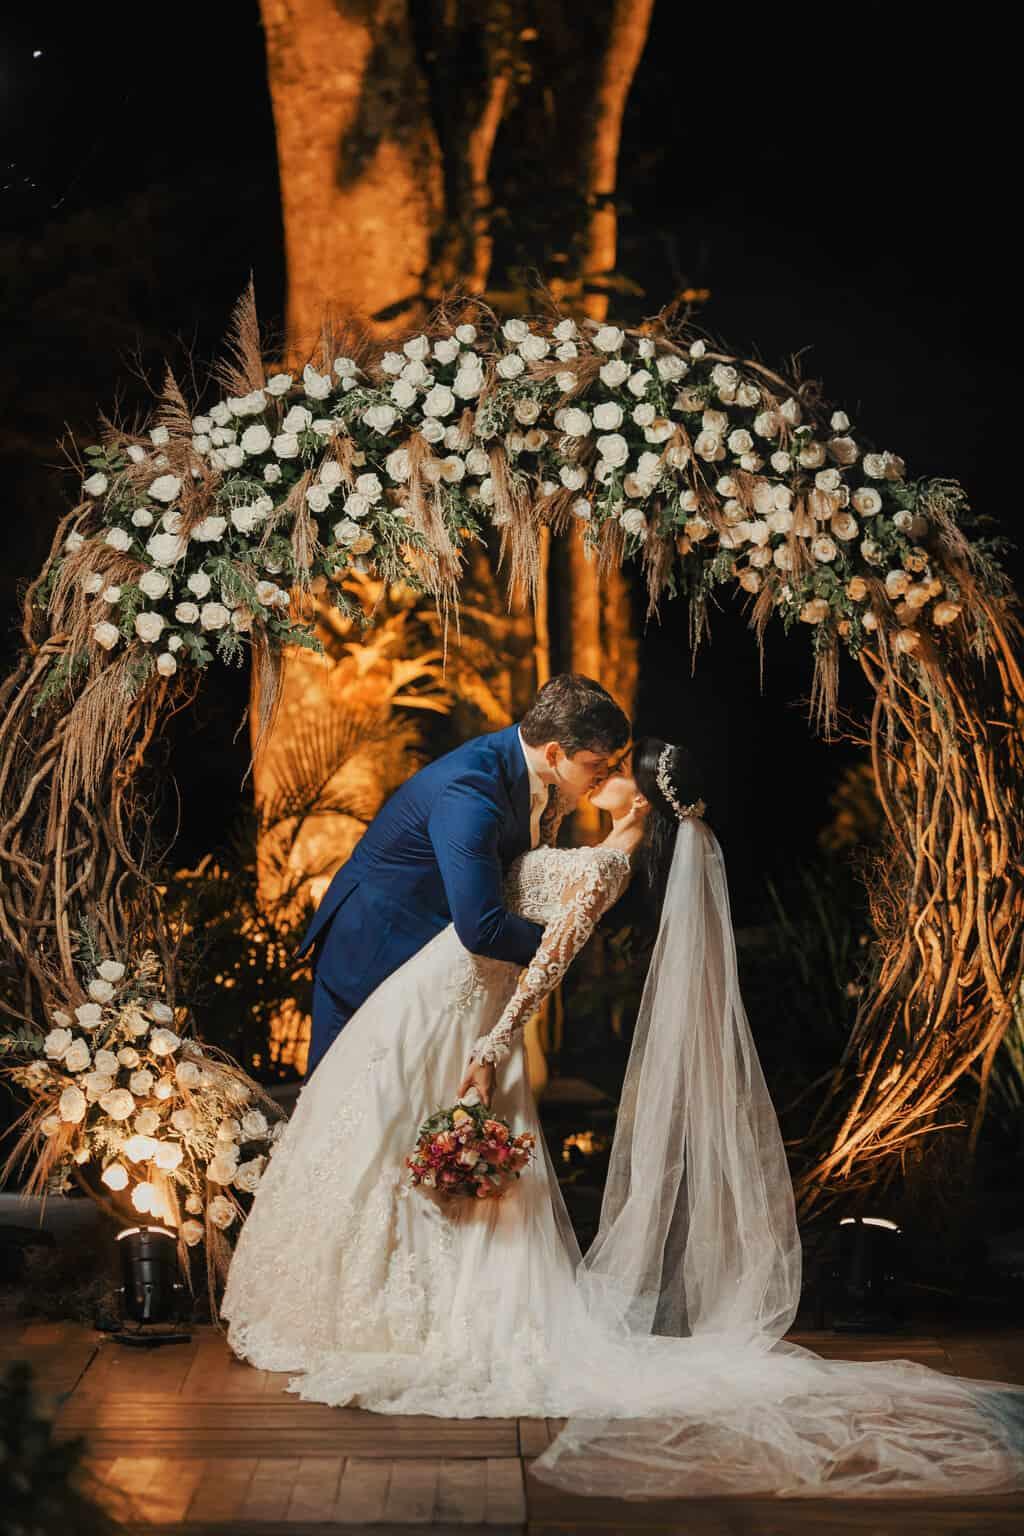 casamento-Beatriz-e-Joao-Fernando-fotos-dos-noivos-Itaipava-Locanda-Della-Mimosa-Thienny-Tammis195